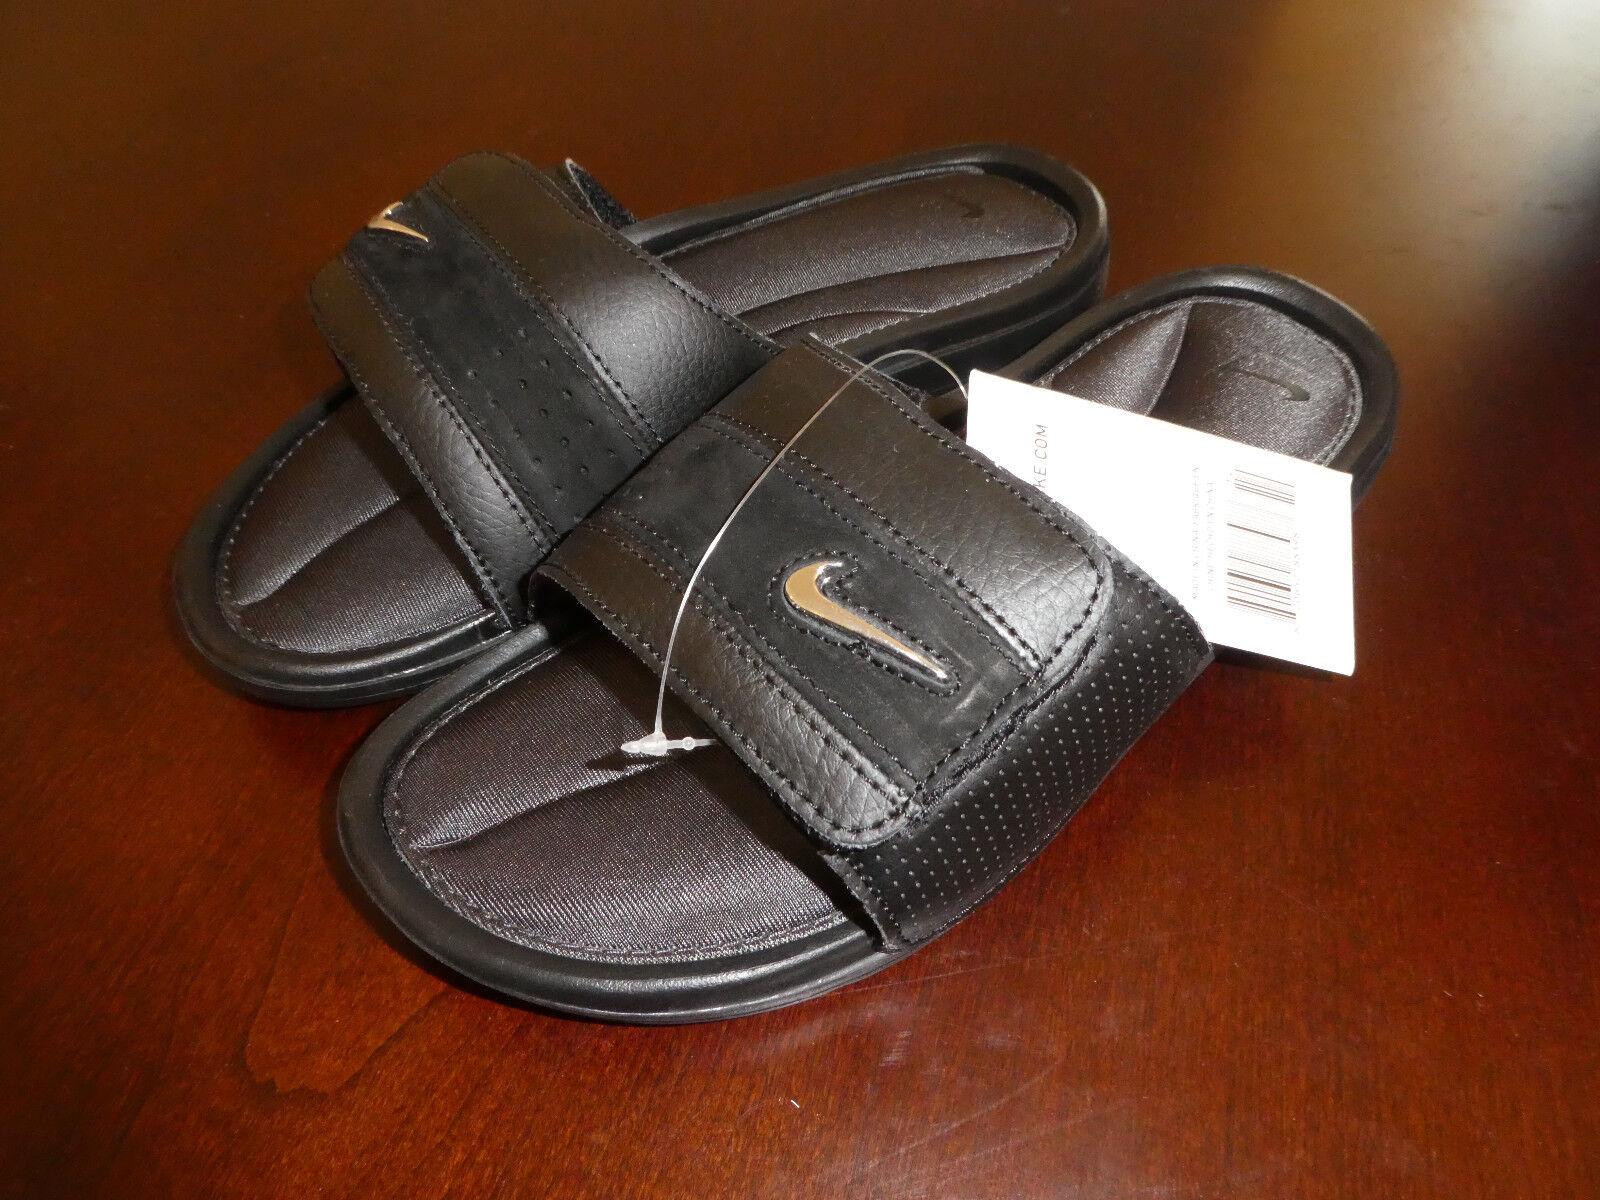 Nike conforto diapositive nuovi uomini scarpe nuove sandali diapositive 360884 001